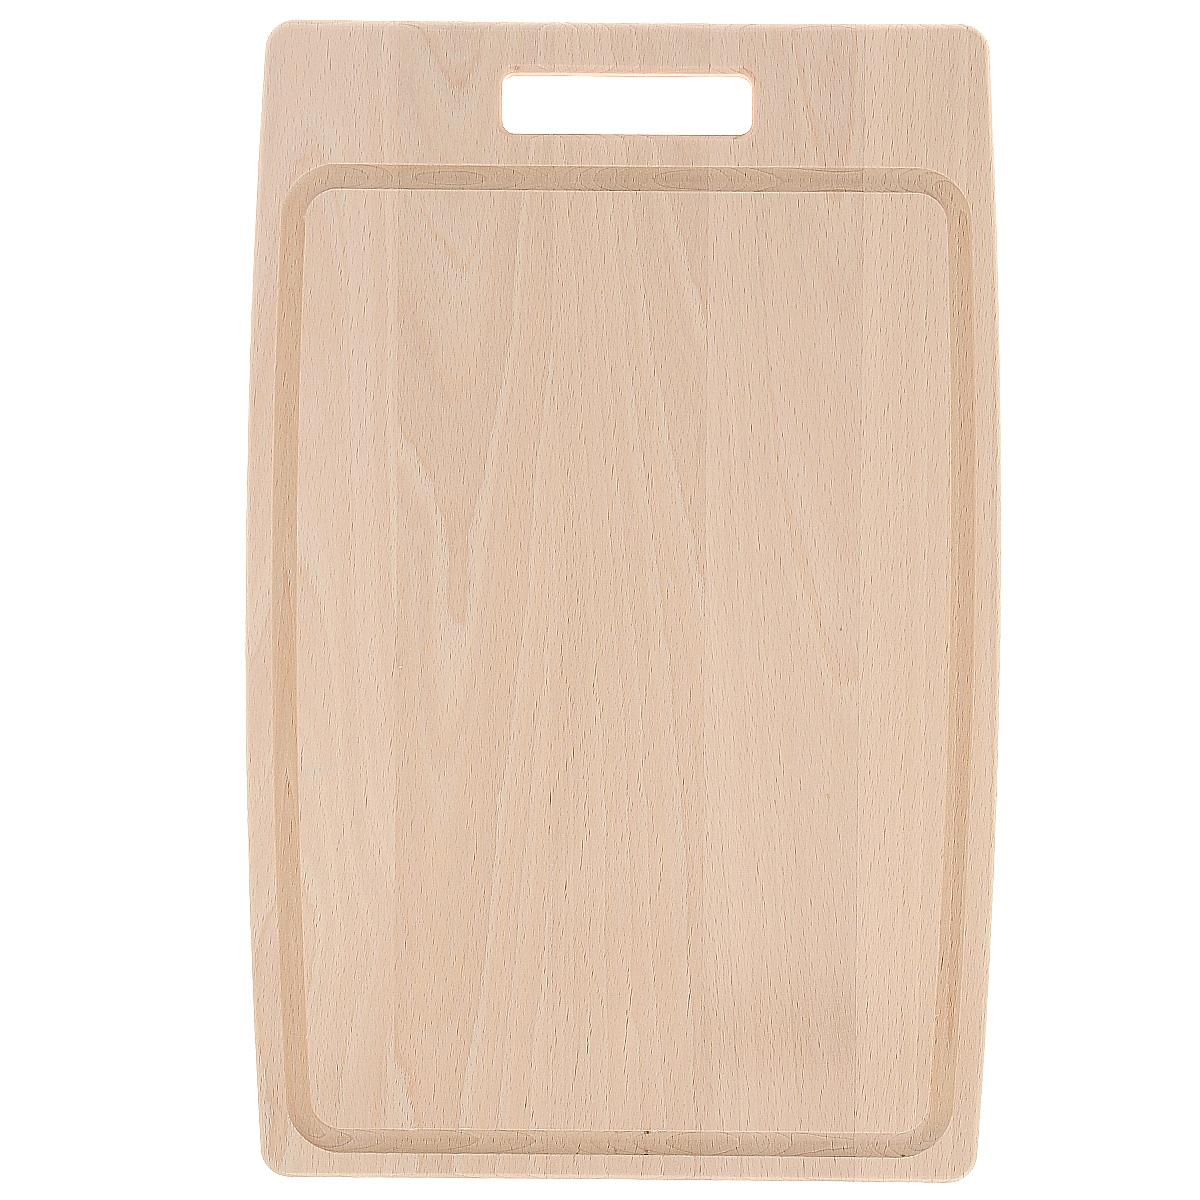 Доска разделочная Tescoma Home Profi, 40 х 26 см379516Прямоугольная разделочная доска Tescoma Home Profi изготовлена из высококачественной древесины бука. Бук - это особо прочный материал, который прослужит вам долгие годы. Доска оснащена удобной ручкой.Функциональная и простая в использовании, разделочная доска Tescoma Home Profi прекрасно впишется в интерьер любой кухни. Не мыть в посудомоечной машине.